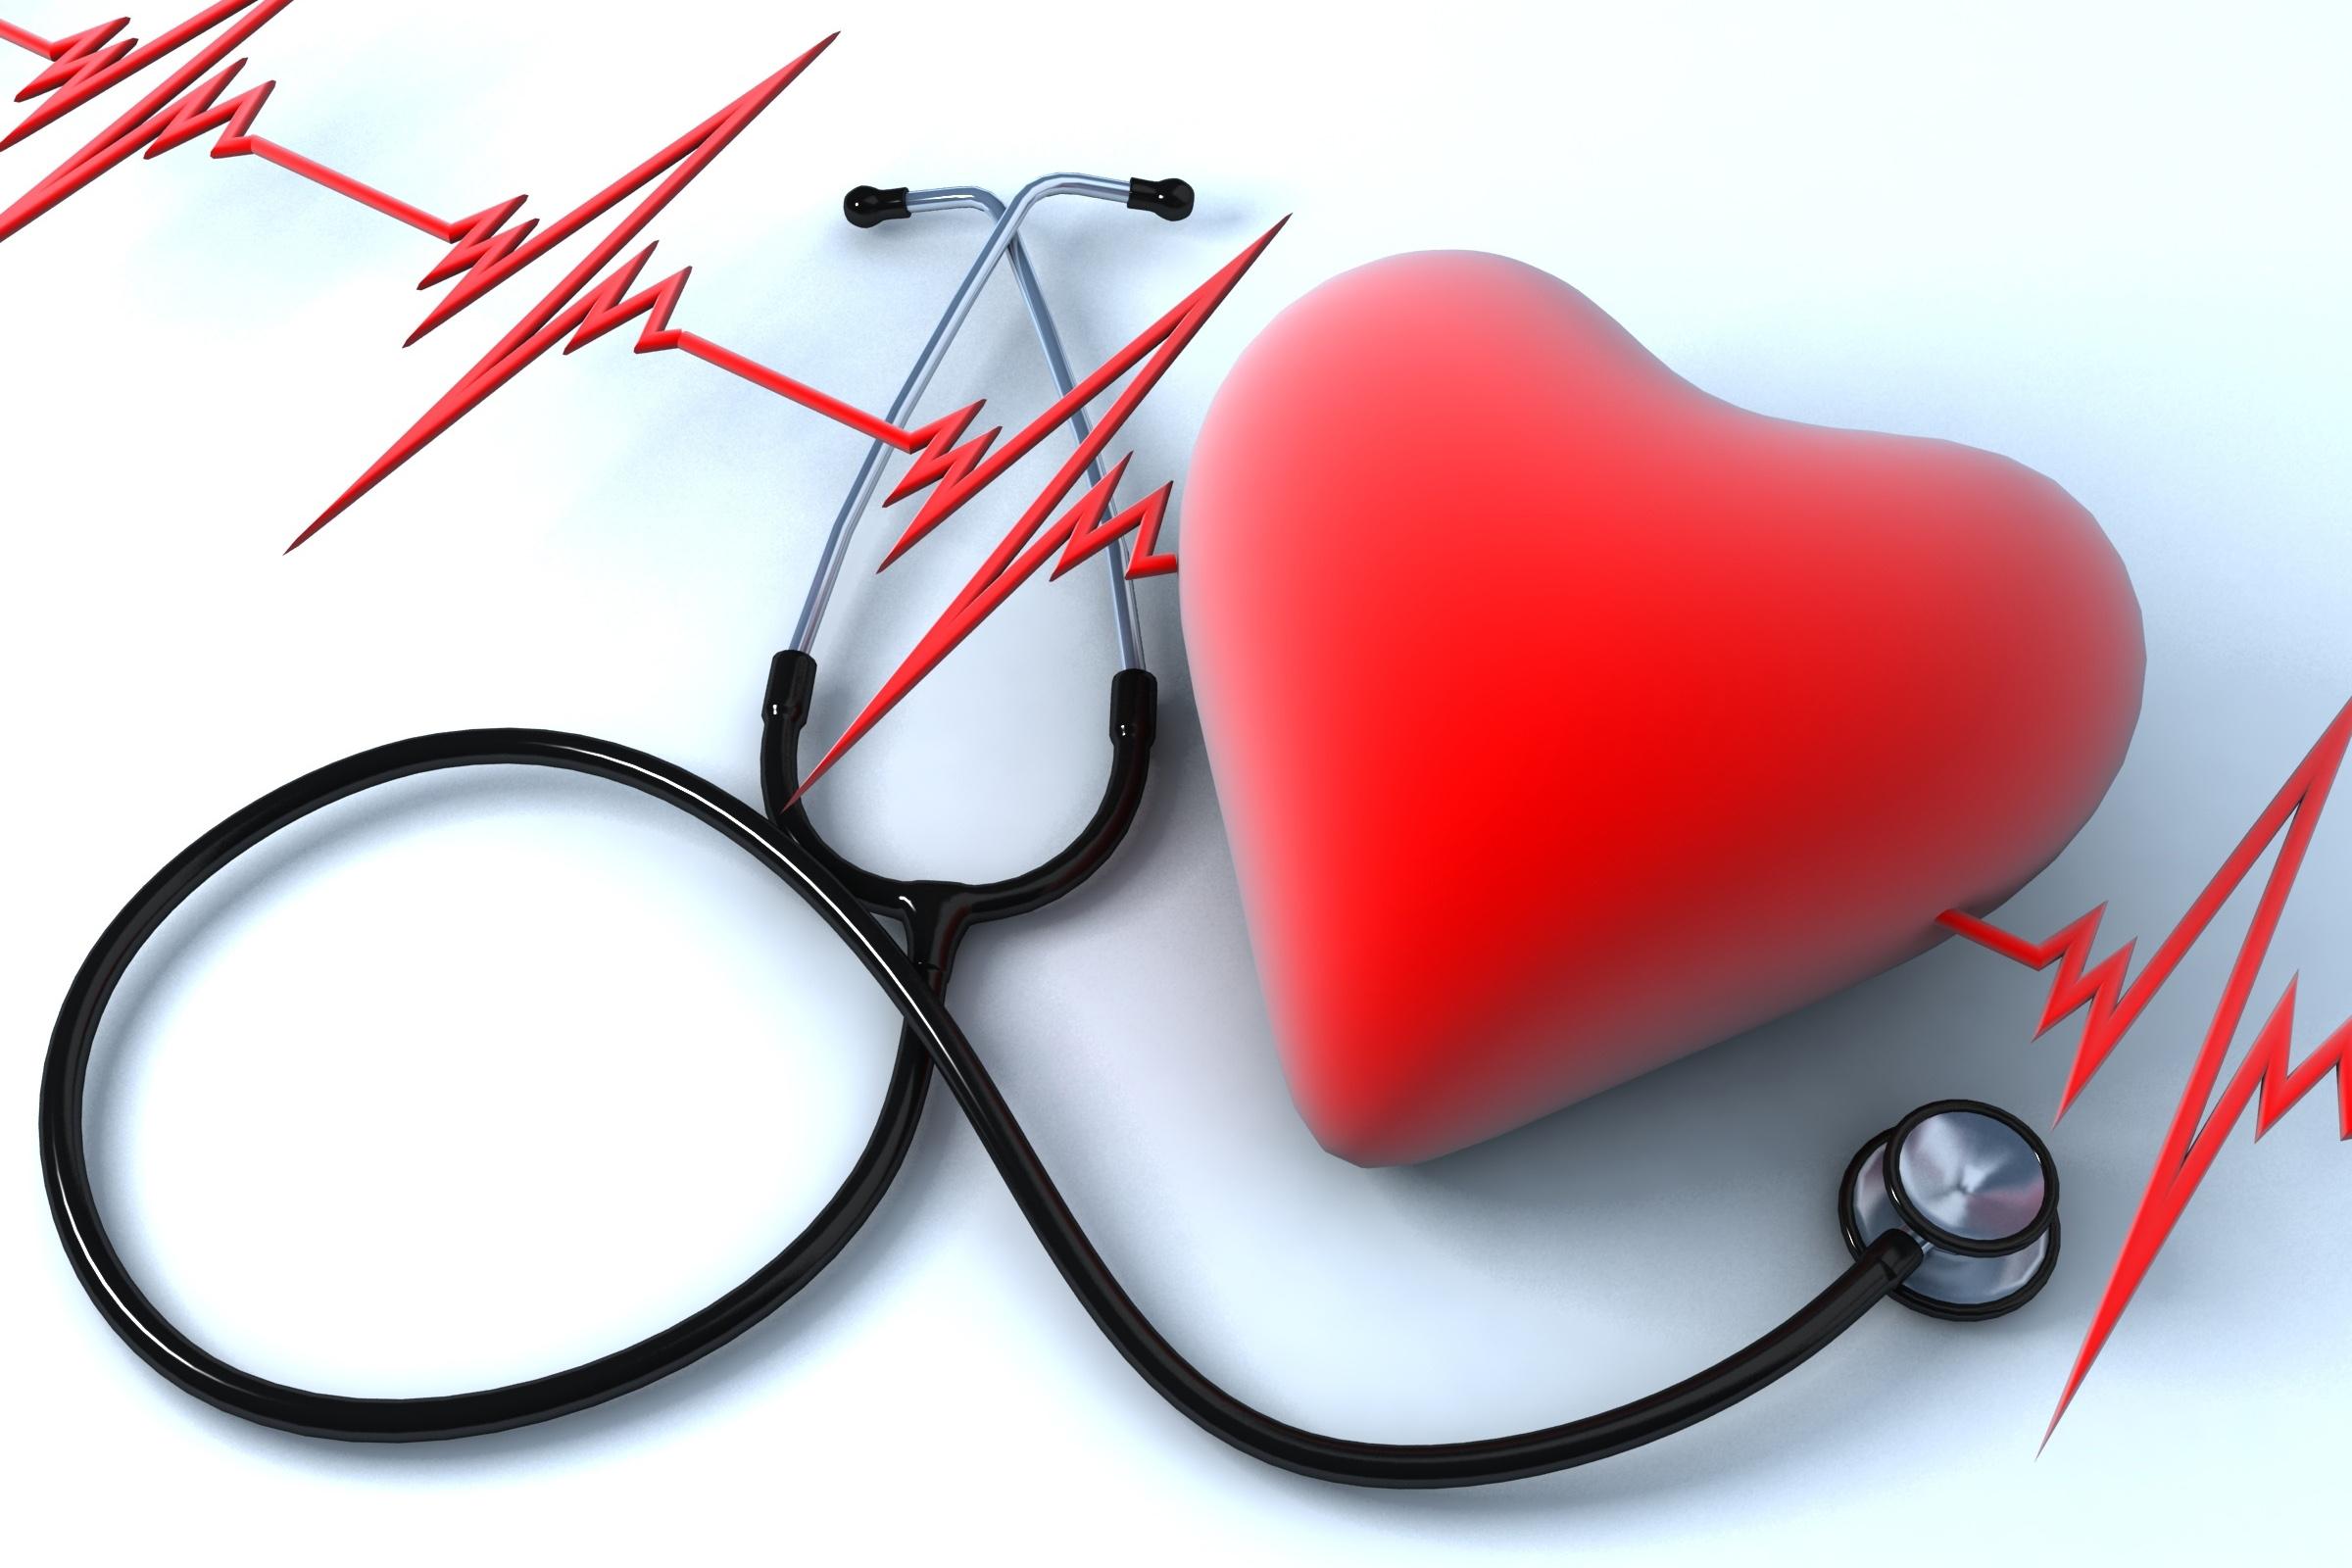 Olahraga Bagi Penderita Penyakit Jantung Koroner